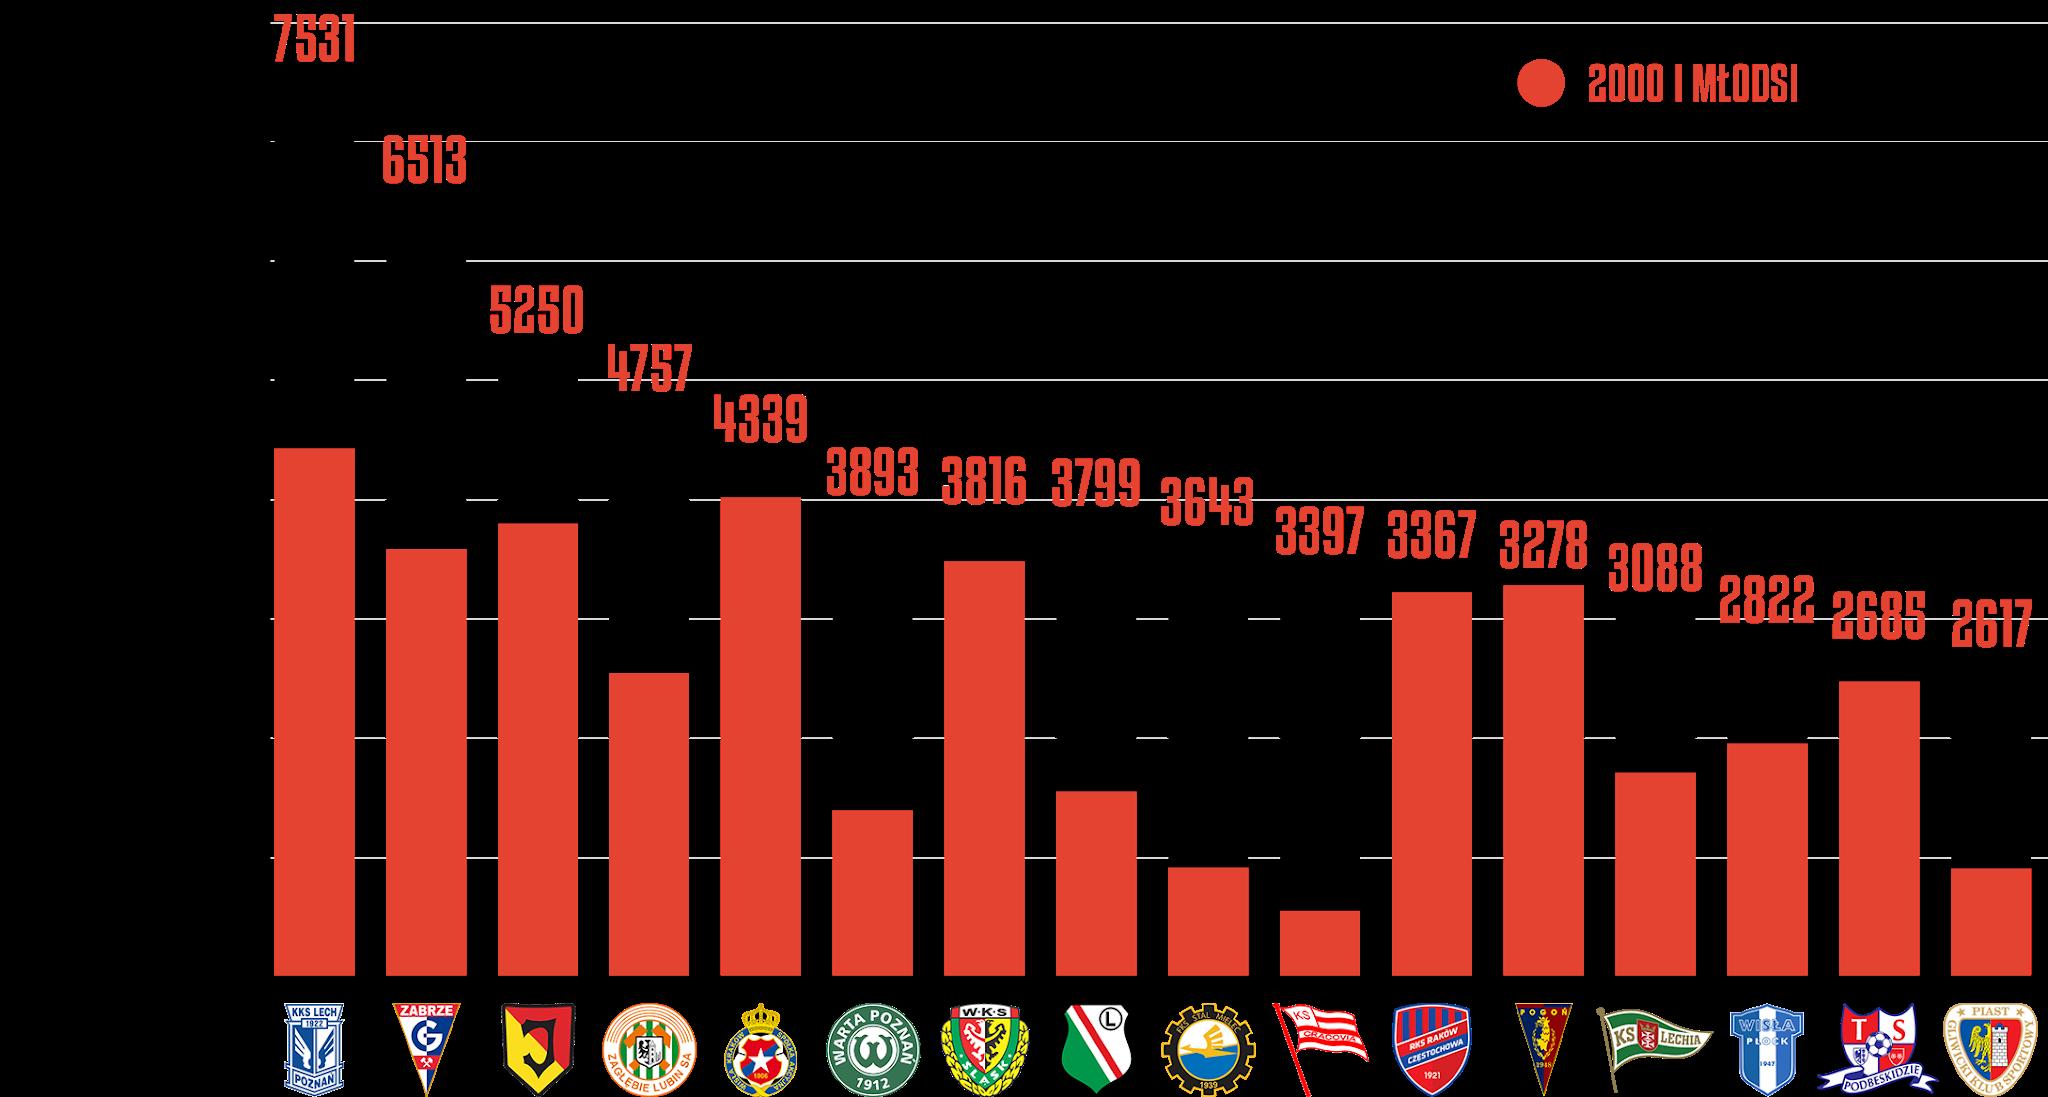 Klasyfikacja klubów pod względem rozegranego czasu przez młodzieżowców po29kolejkach PKO Ekstraklasy<br><br>Źródło: Opracowanie własne na podstawie ekstrastats.pl<br><br>graf. Bartosz Urban